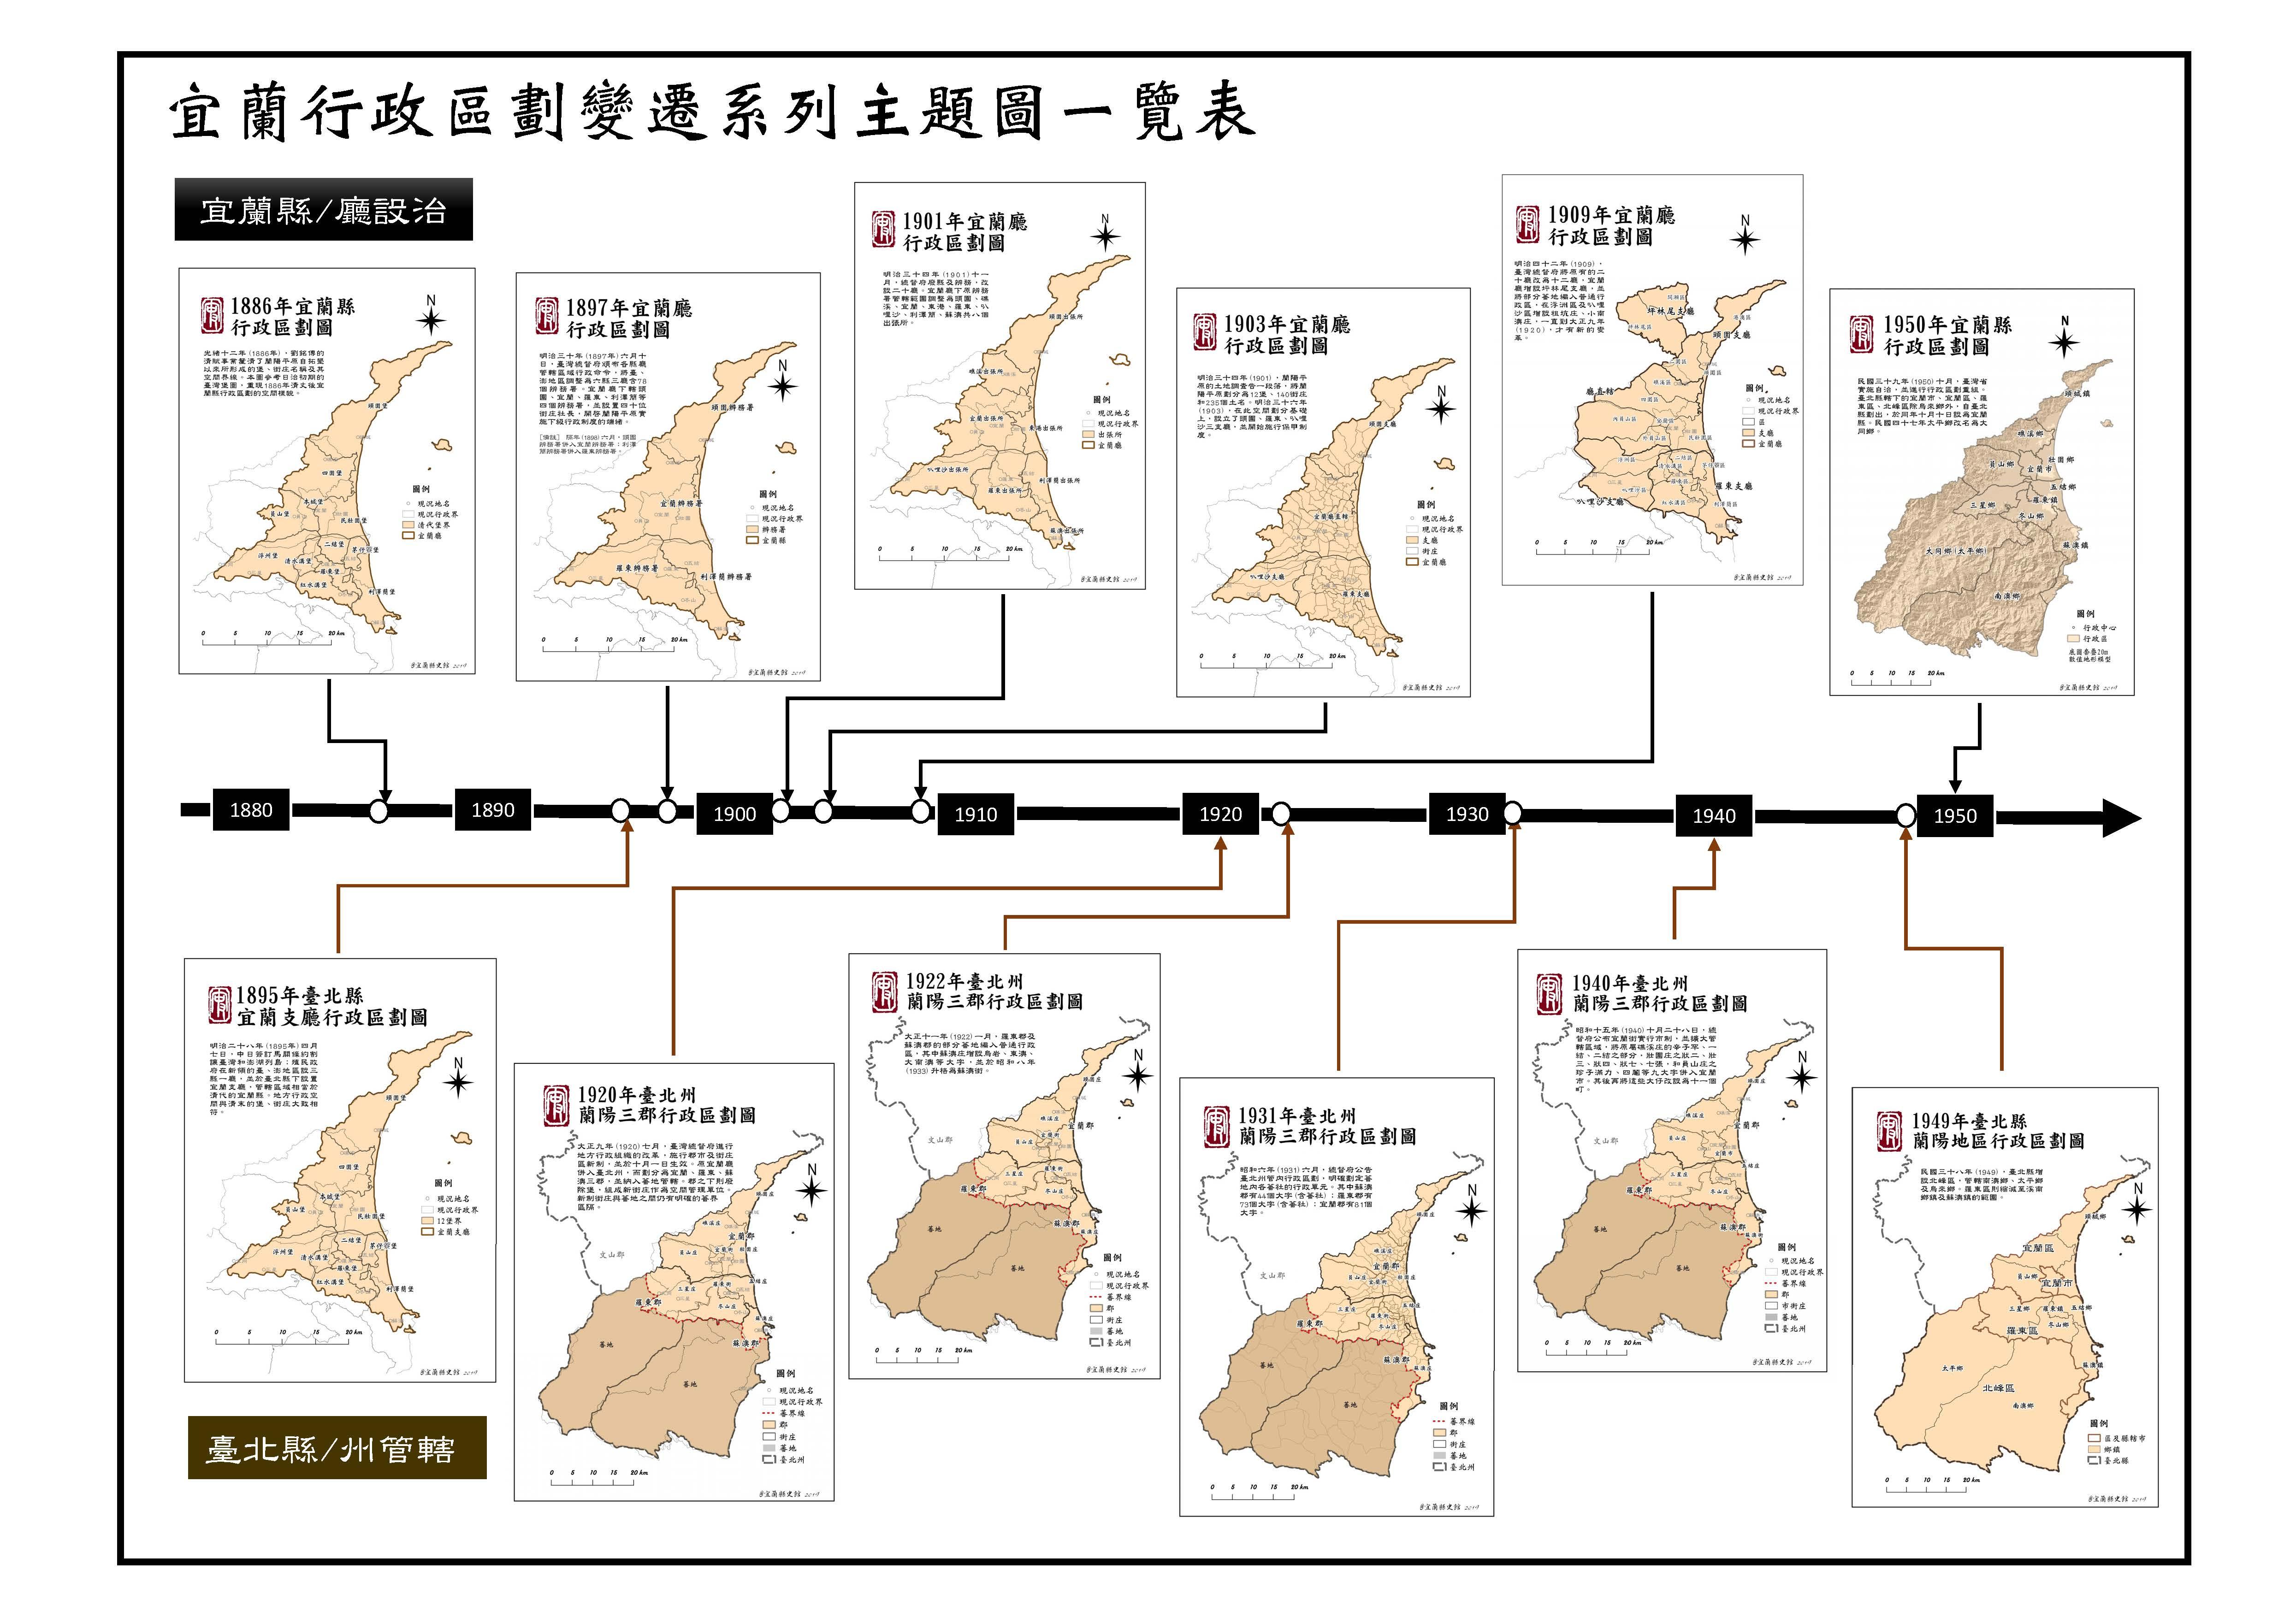 宜蘭行政區劃變遷一覽表